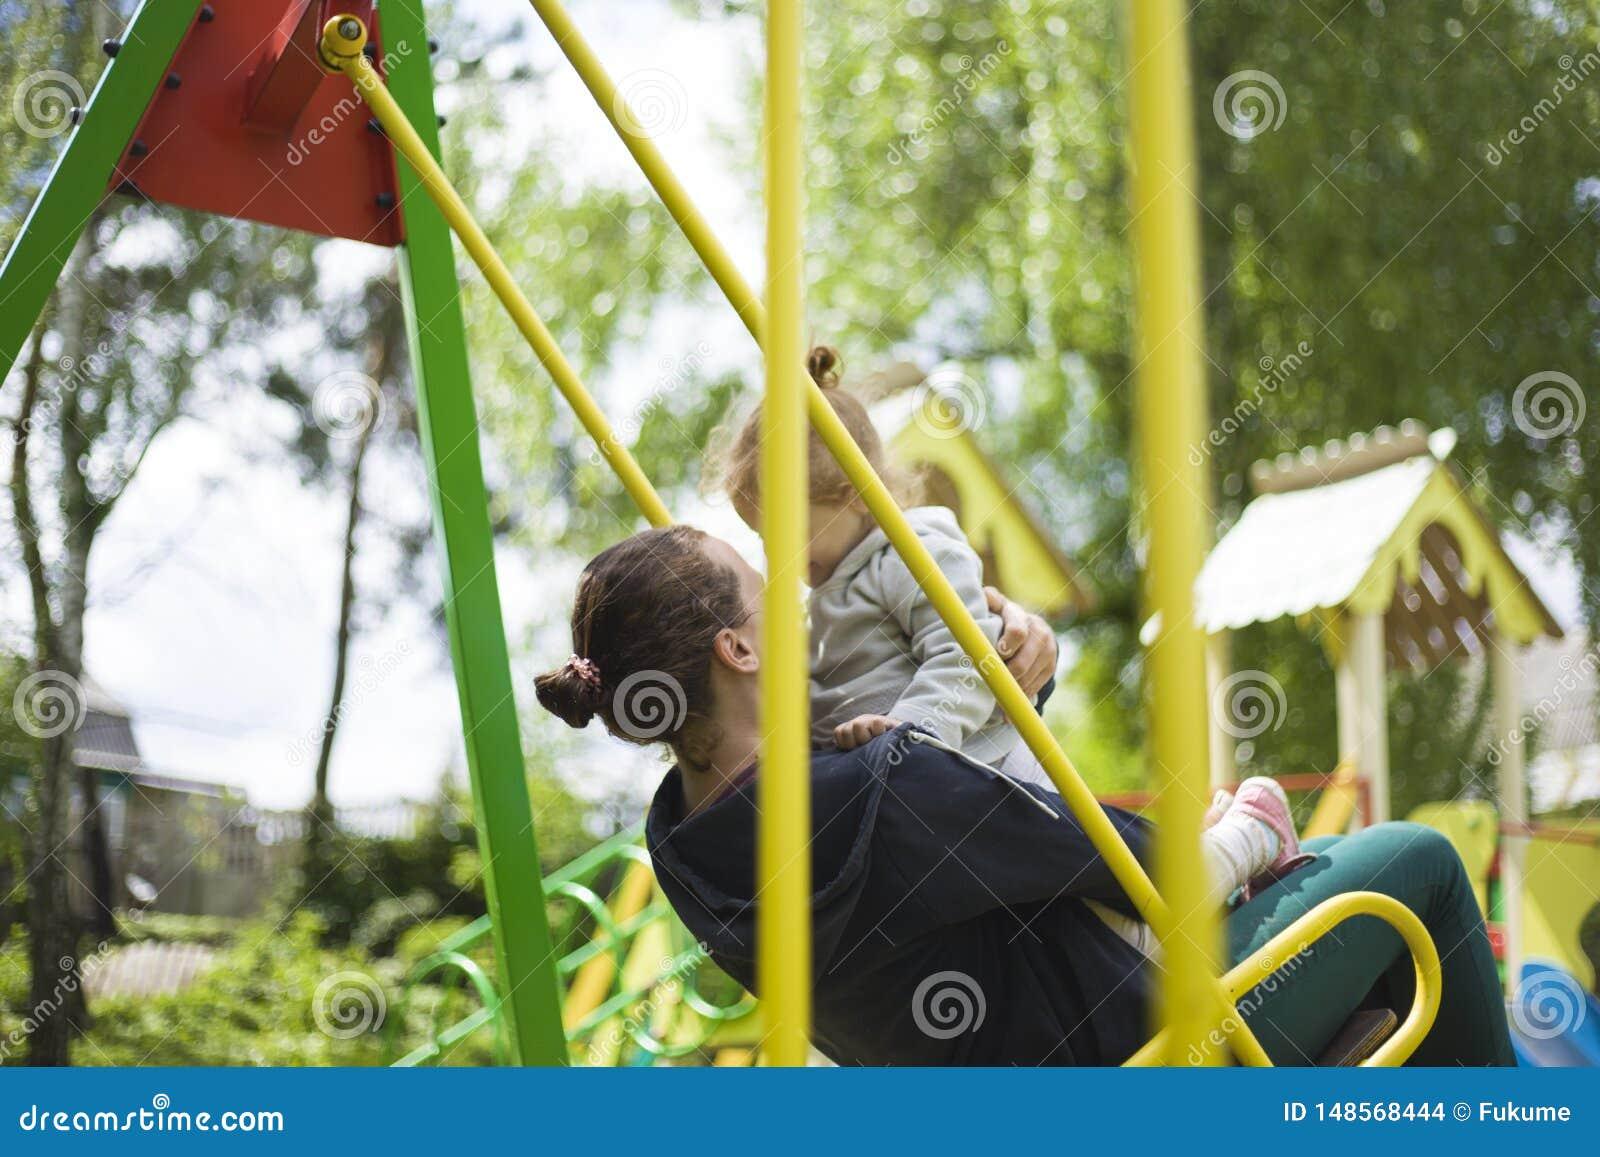 Mamma en dochterrit op een schommeling in een kinderenpark de moeder rolt een klein meisje op een schommeling